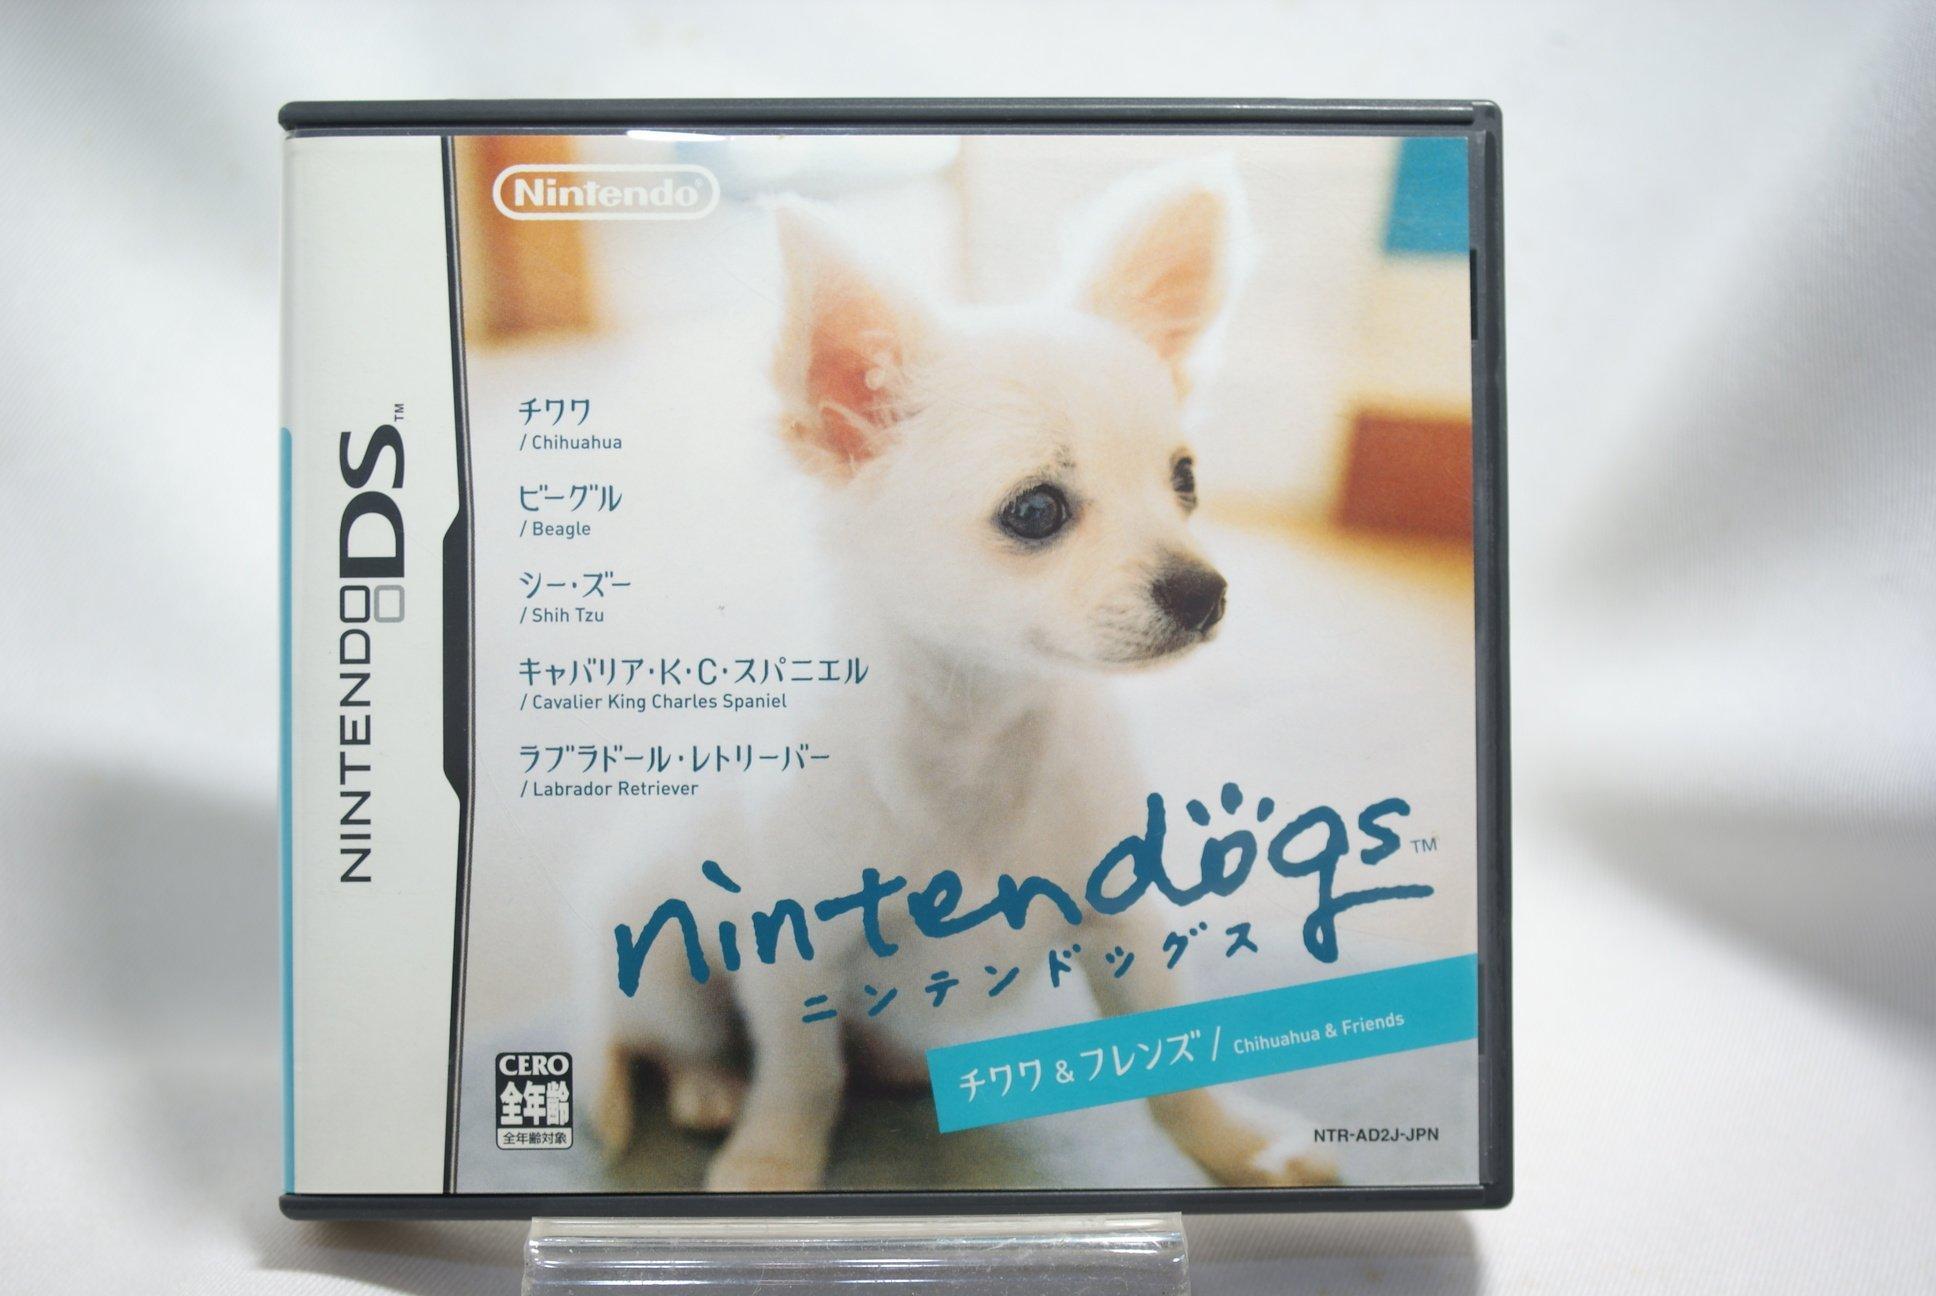 [耀西]二手 純日版 任天堂 DS NDS 任天狗 吉娃娃與朋友們 含稅附發票